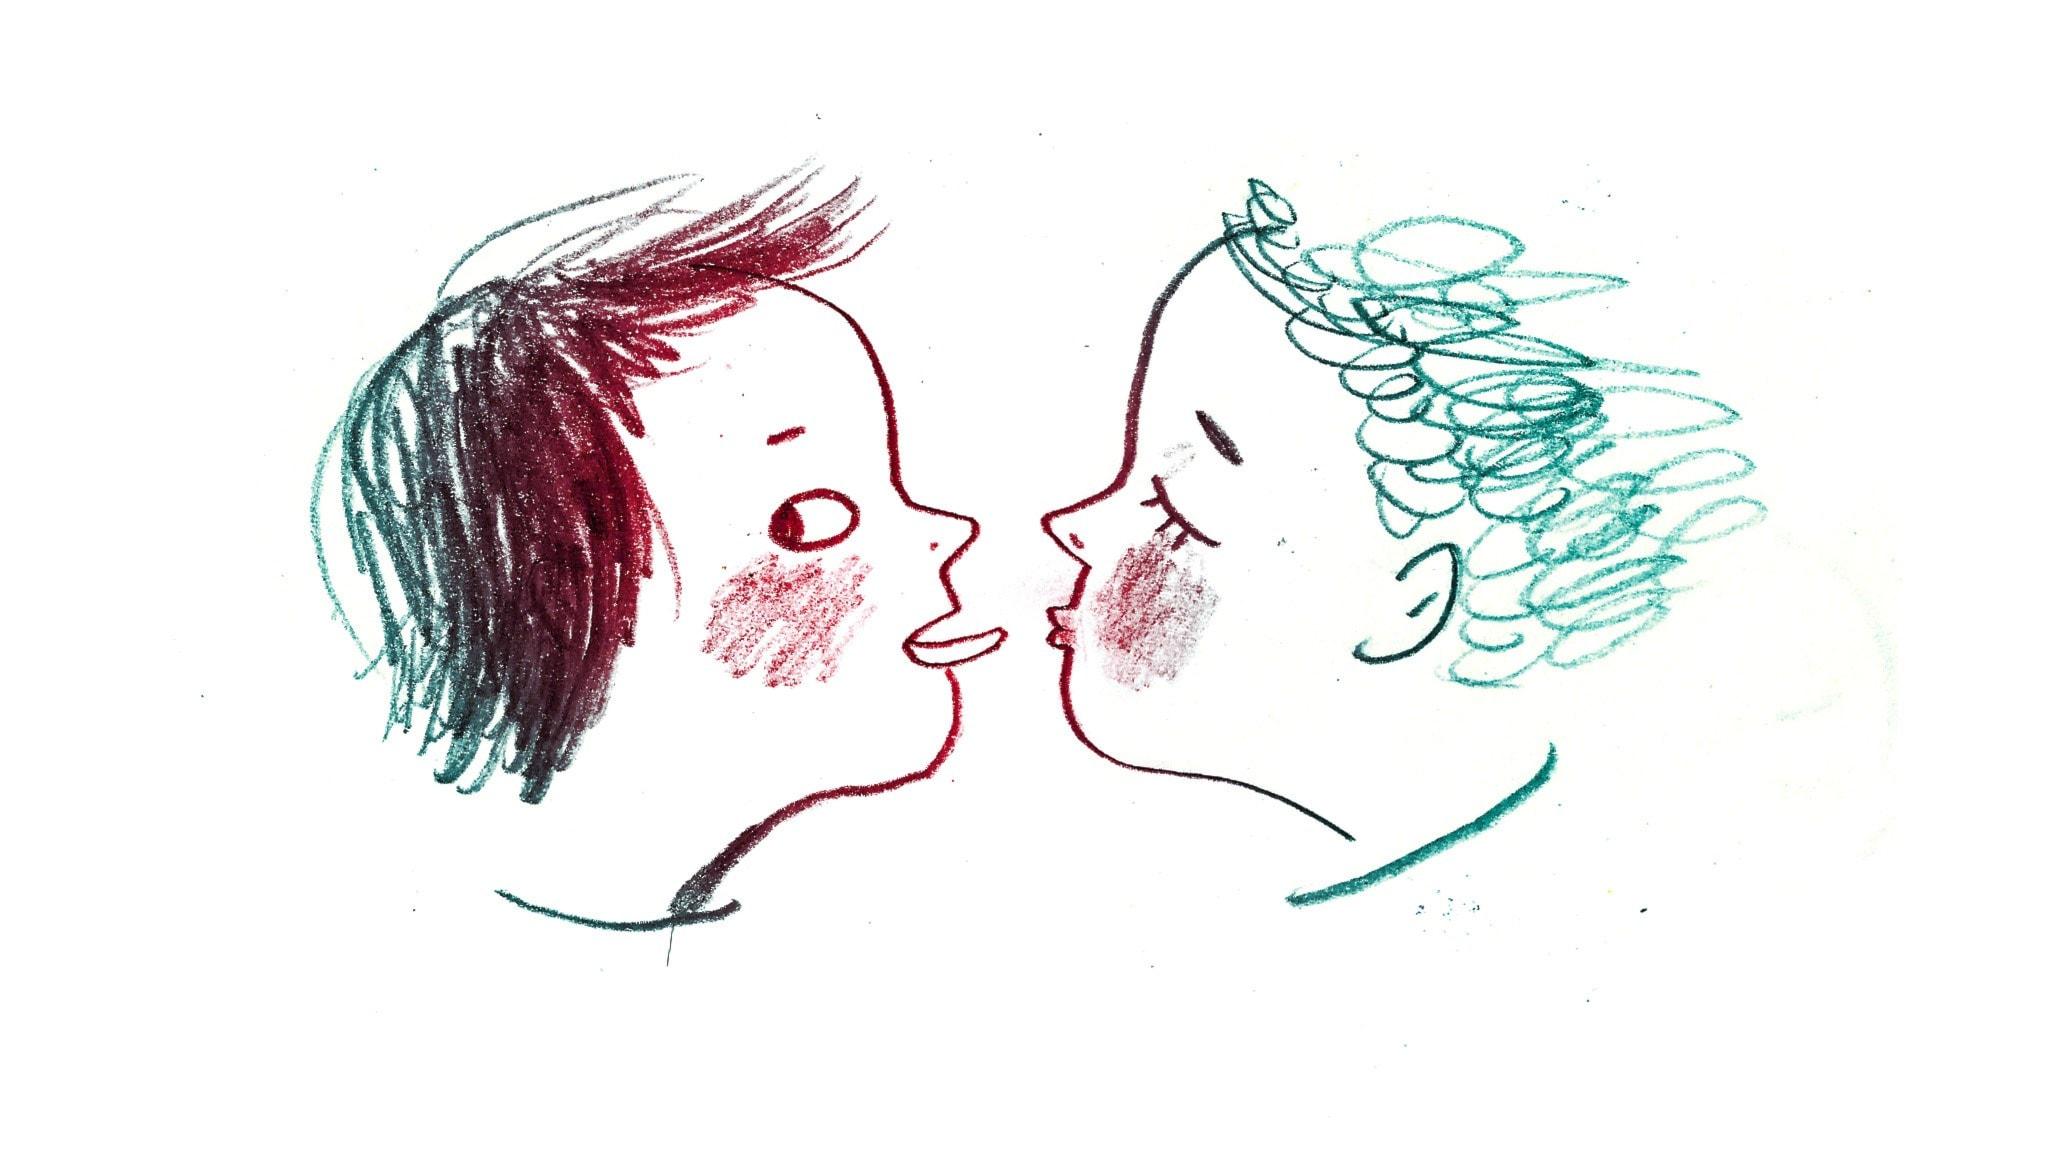 O-kysst!